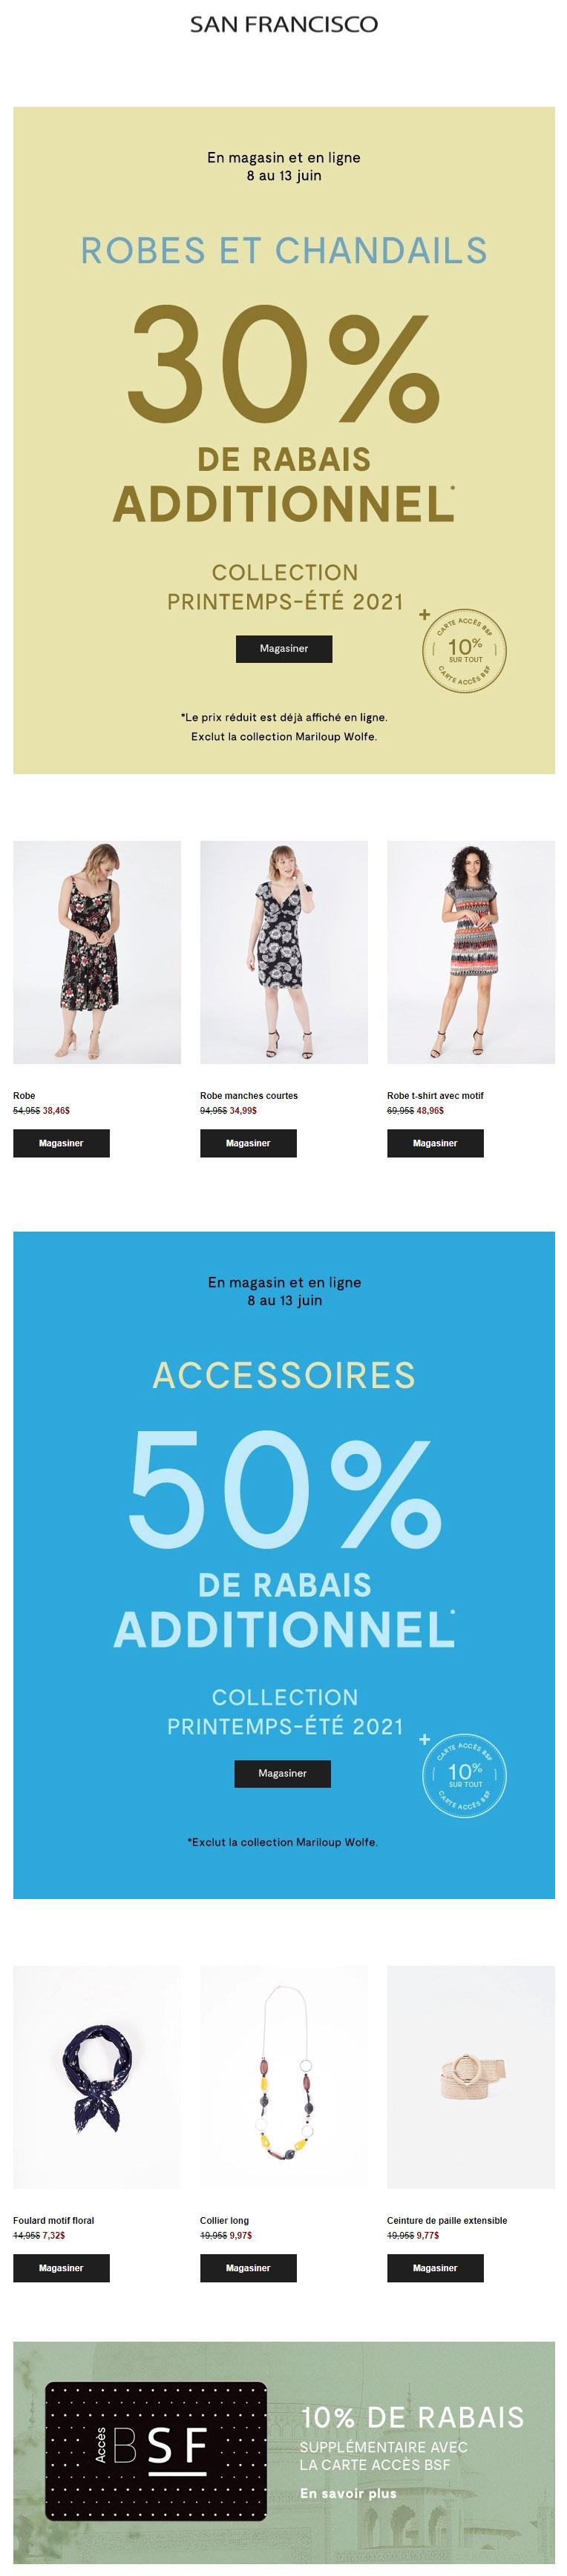 30% Additionnel Sur Les Robes Et Chandails